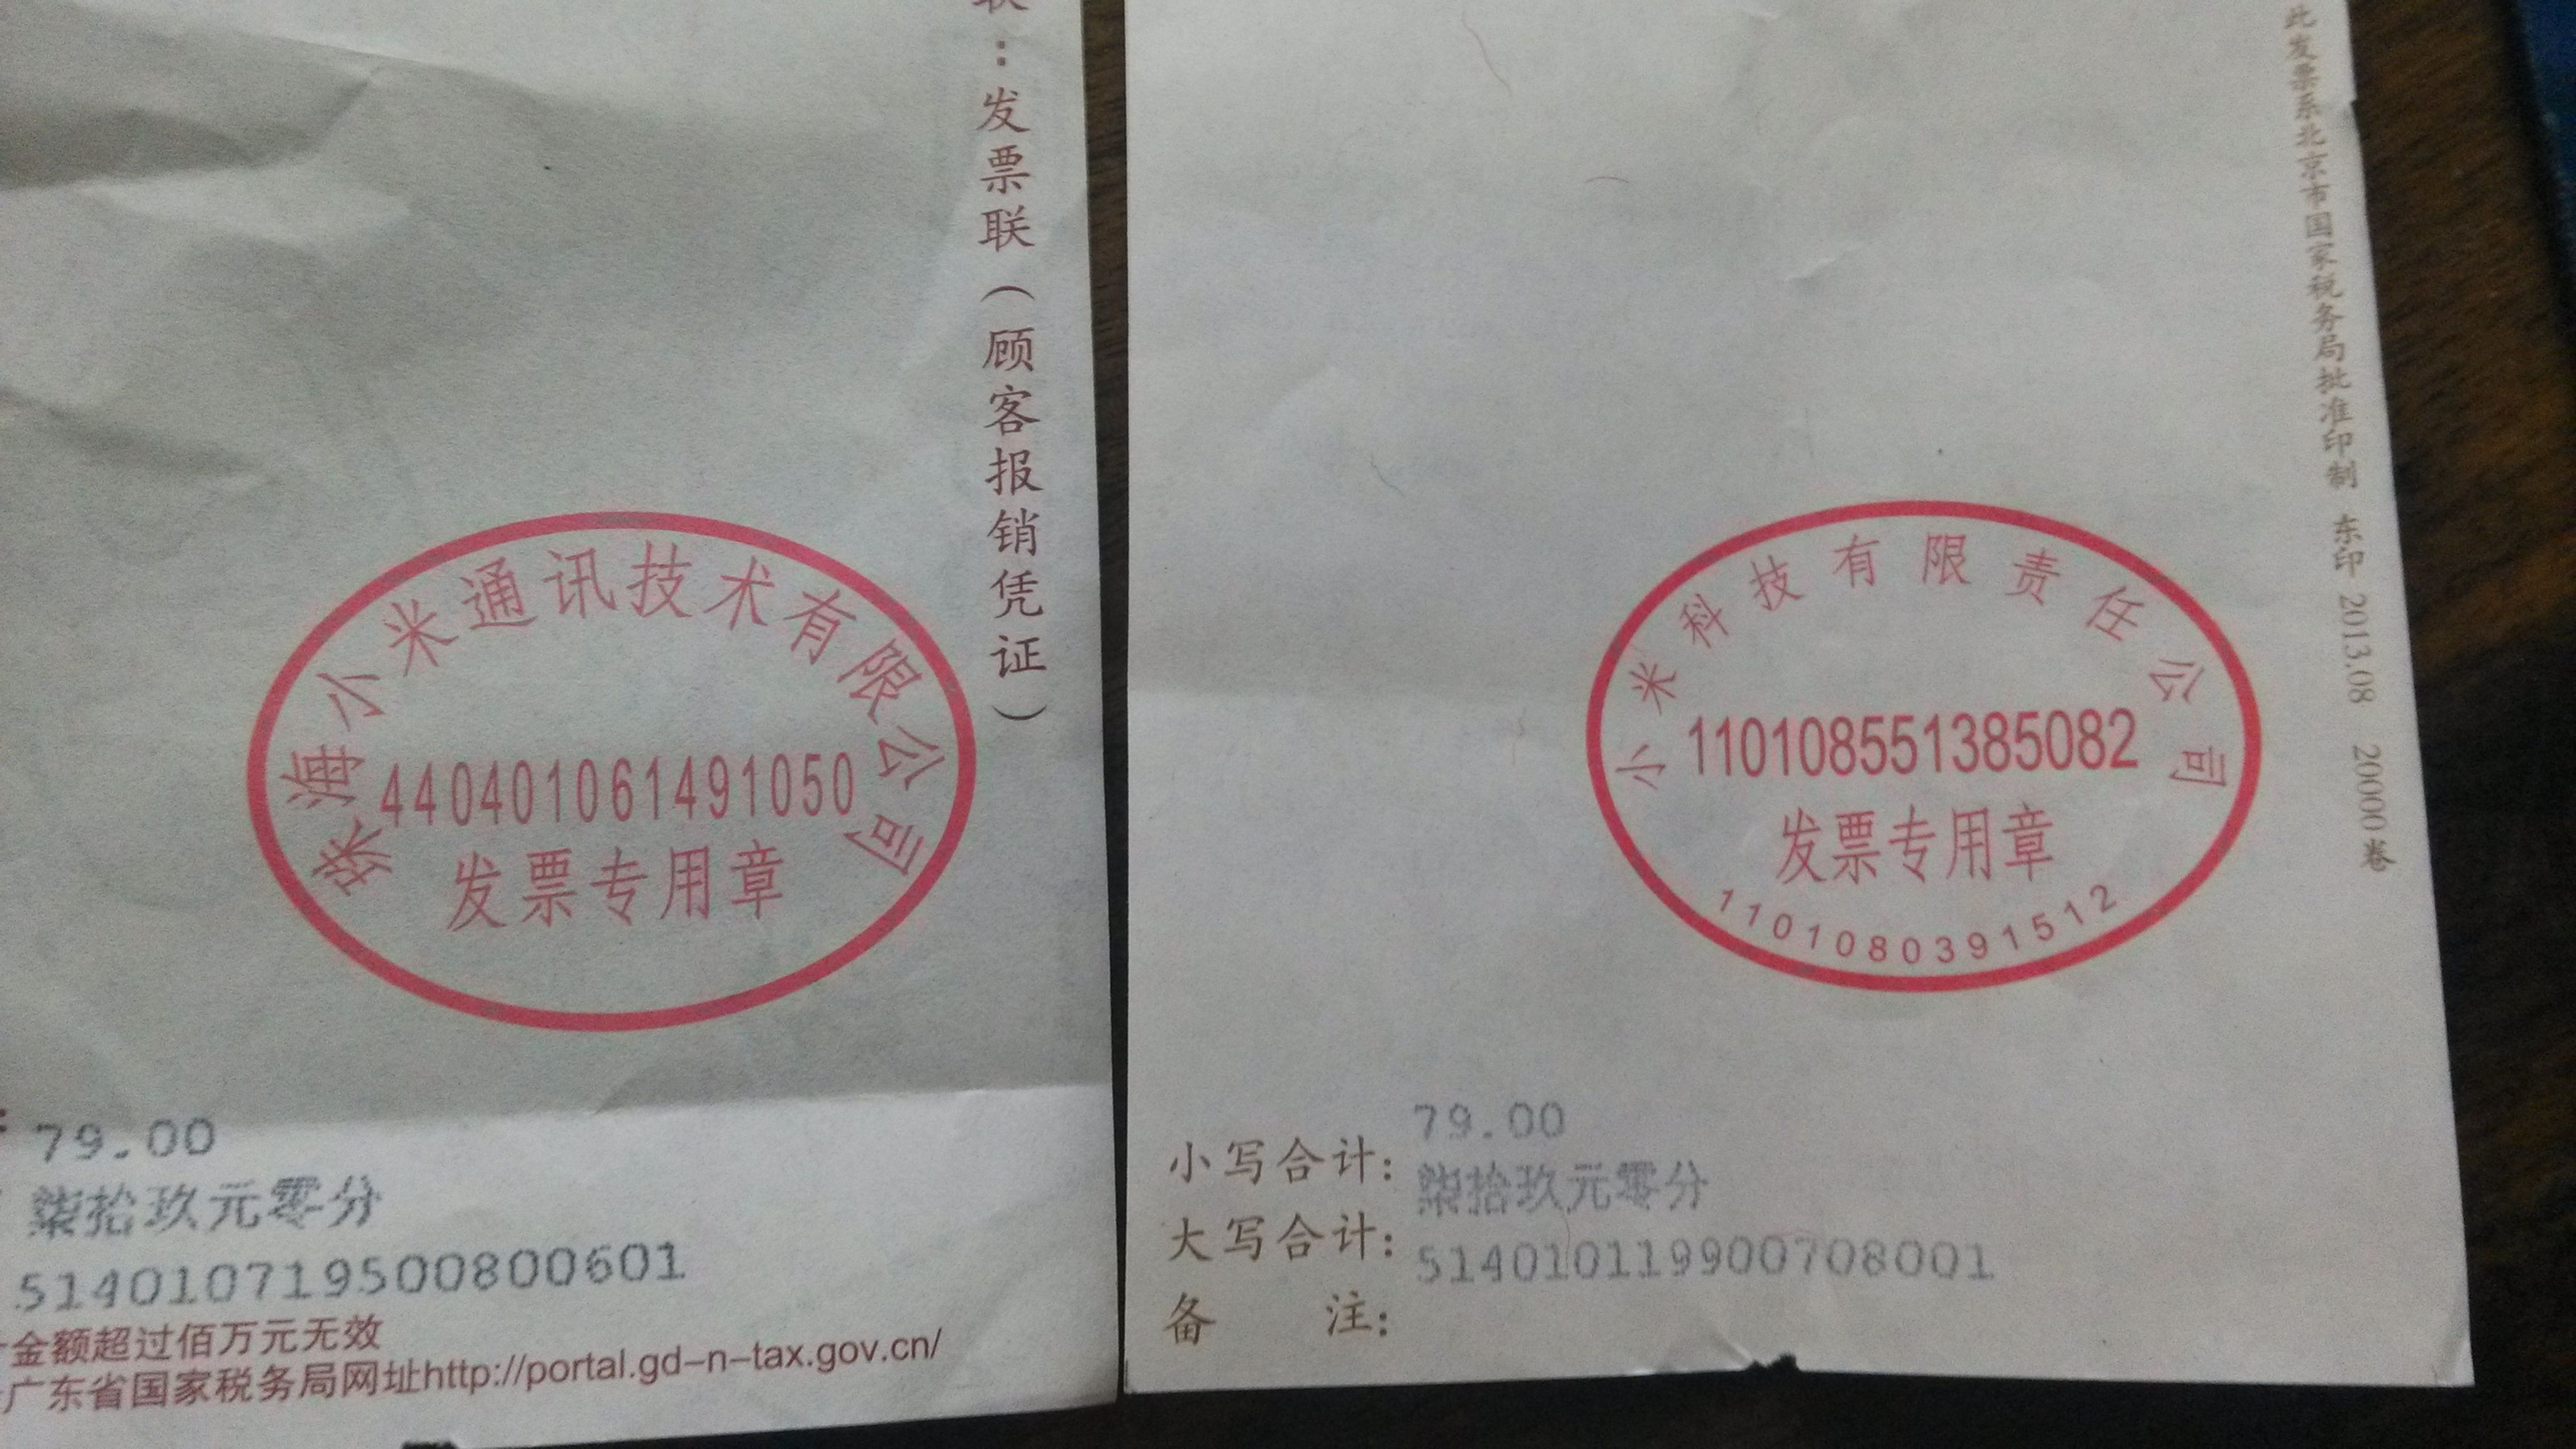 官网抢购小米3发票专用章上盖的小米科技有限责任公司;